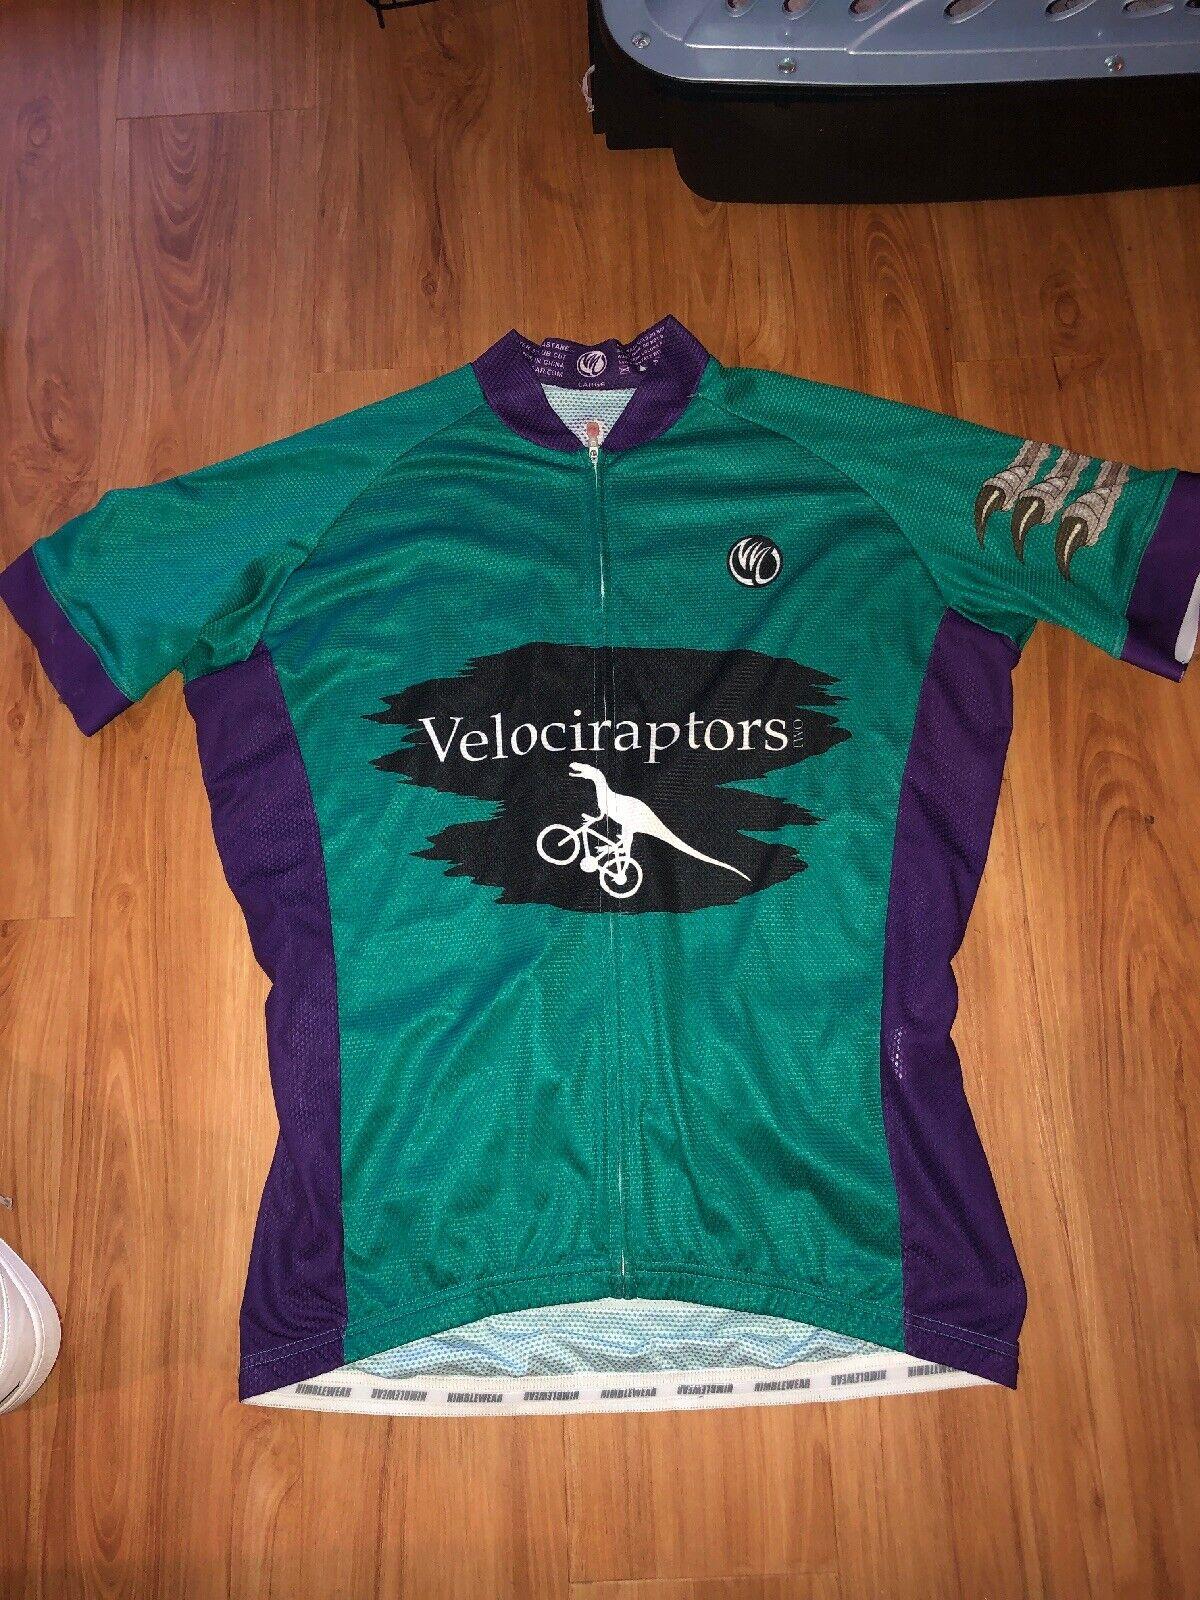 Velociraptors Mens Cycling Jersey Größe Large